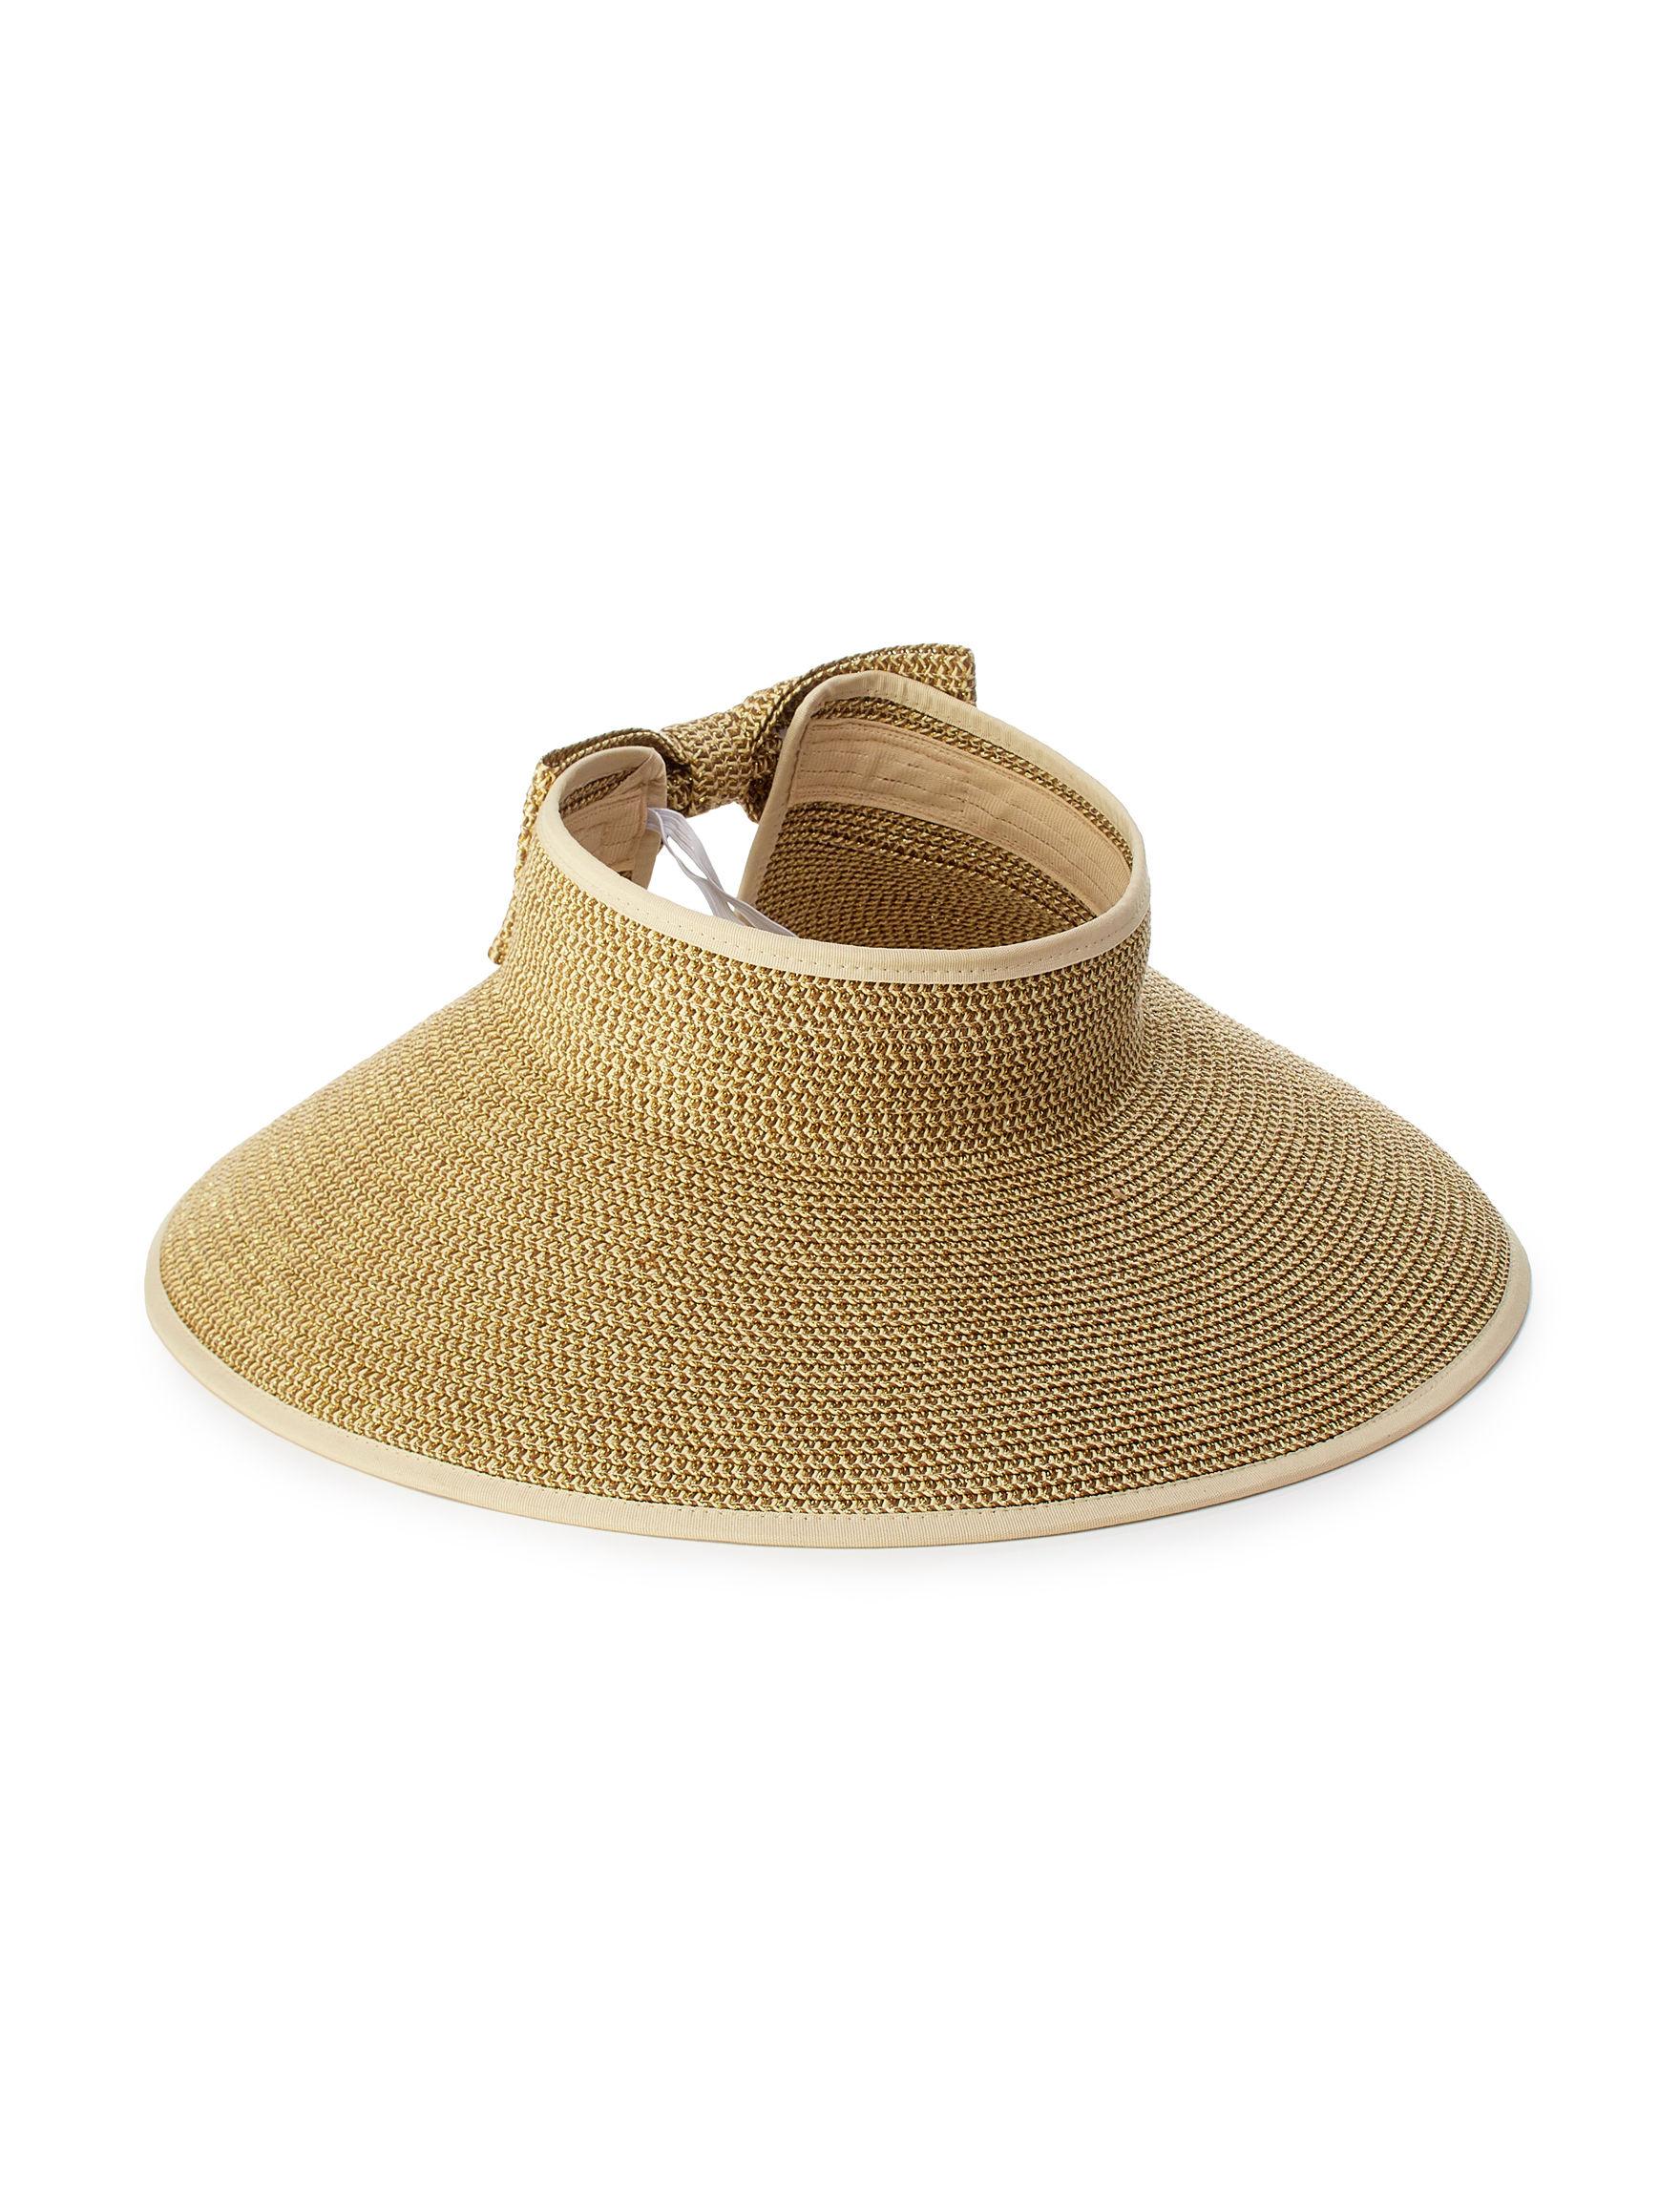 David & Young Beige Hats & Headwear